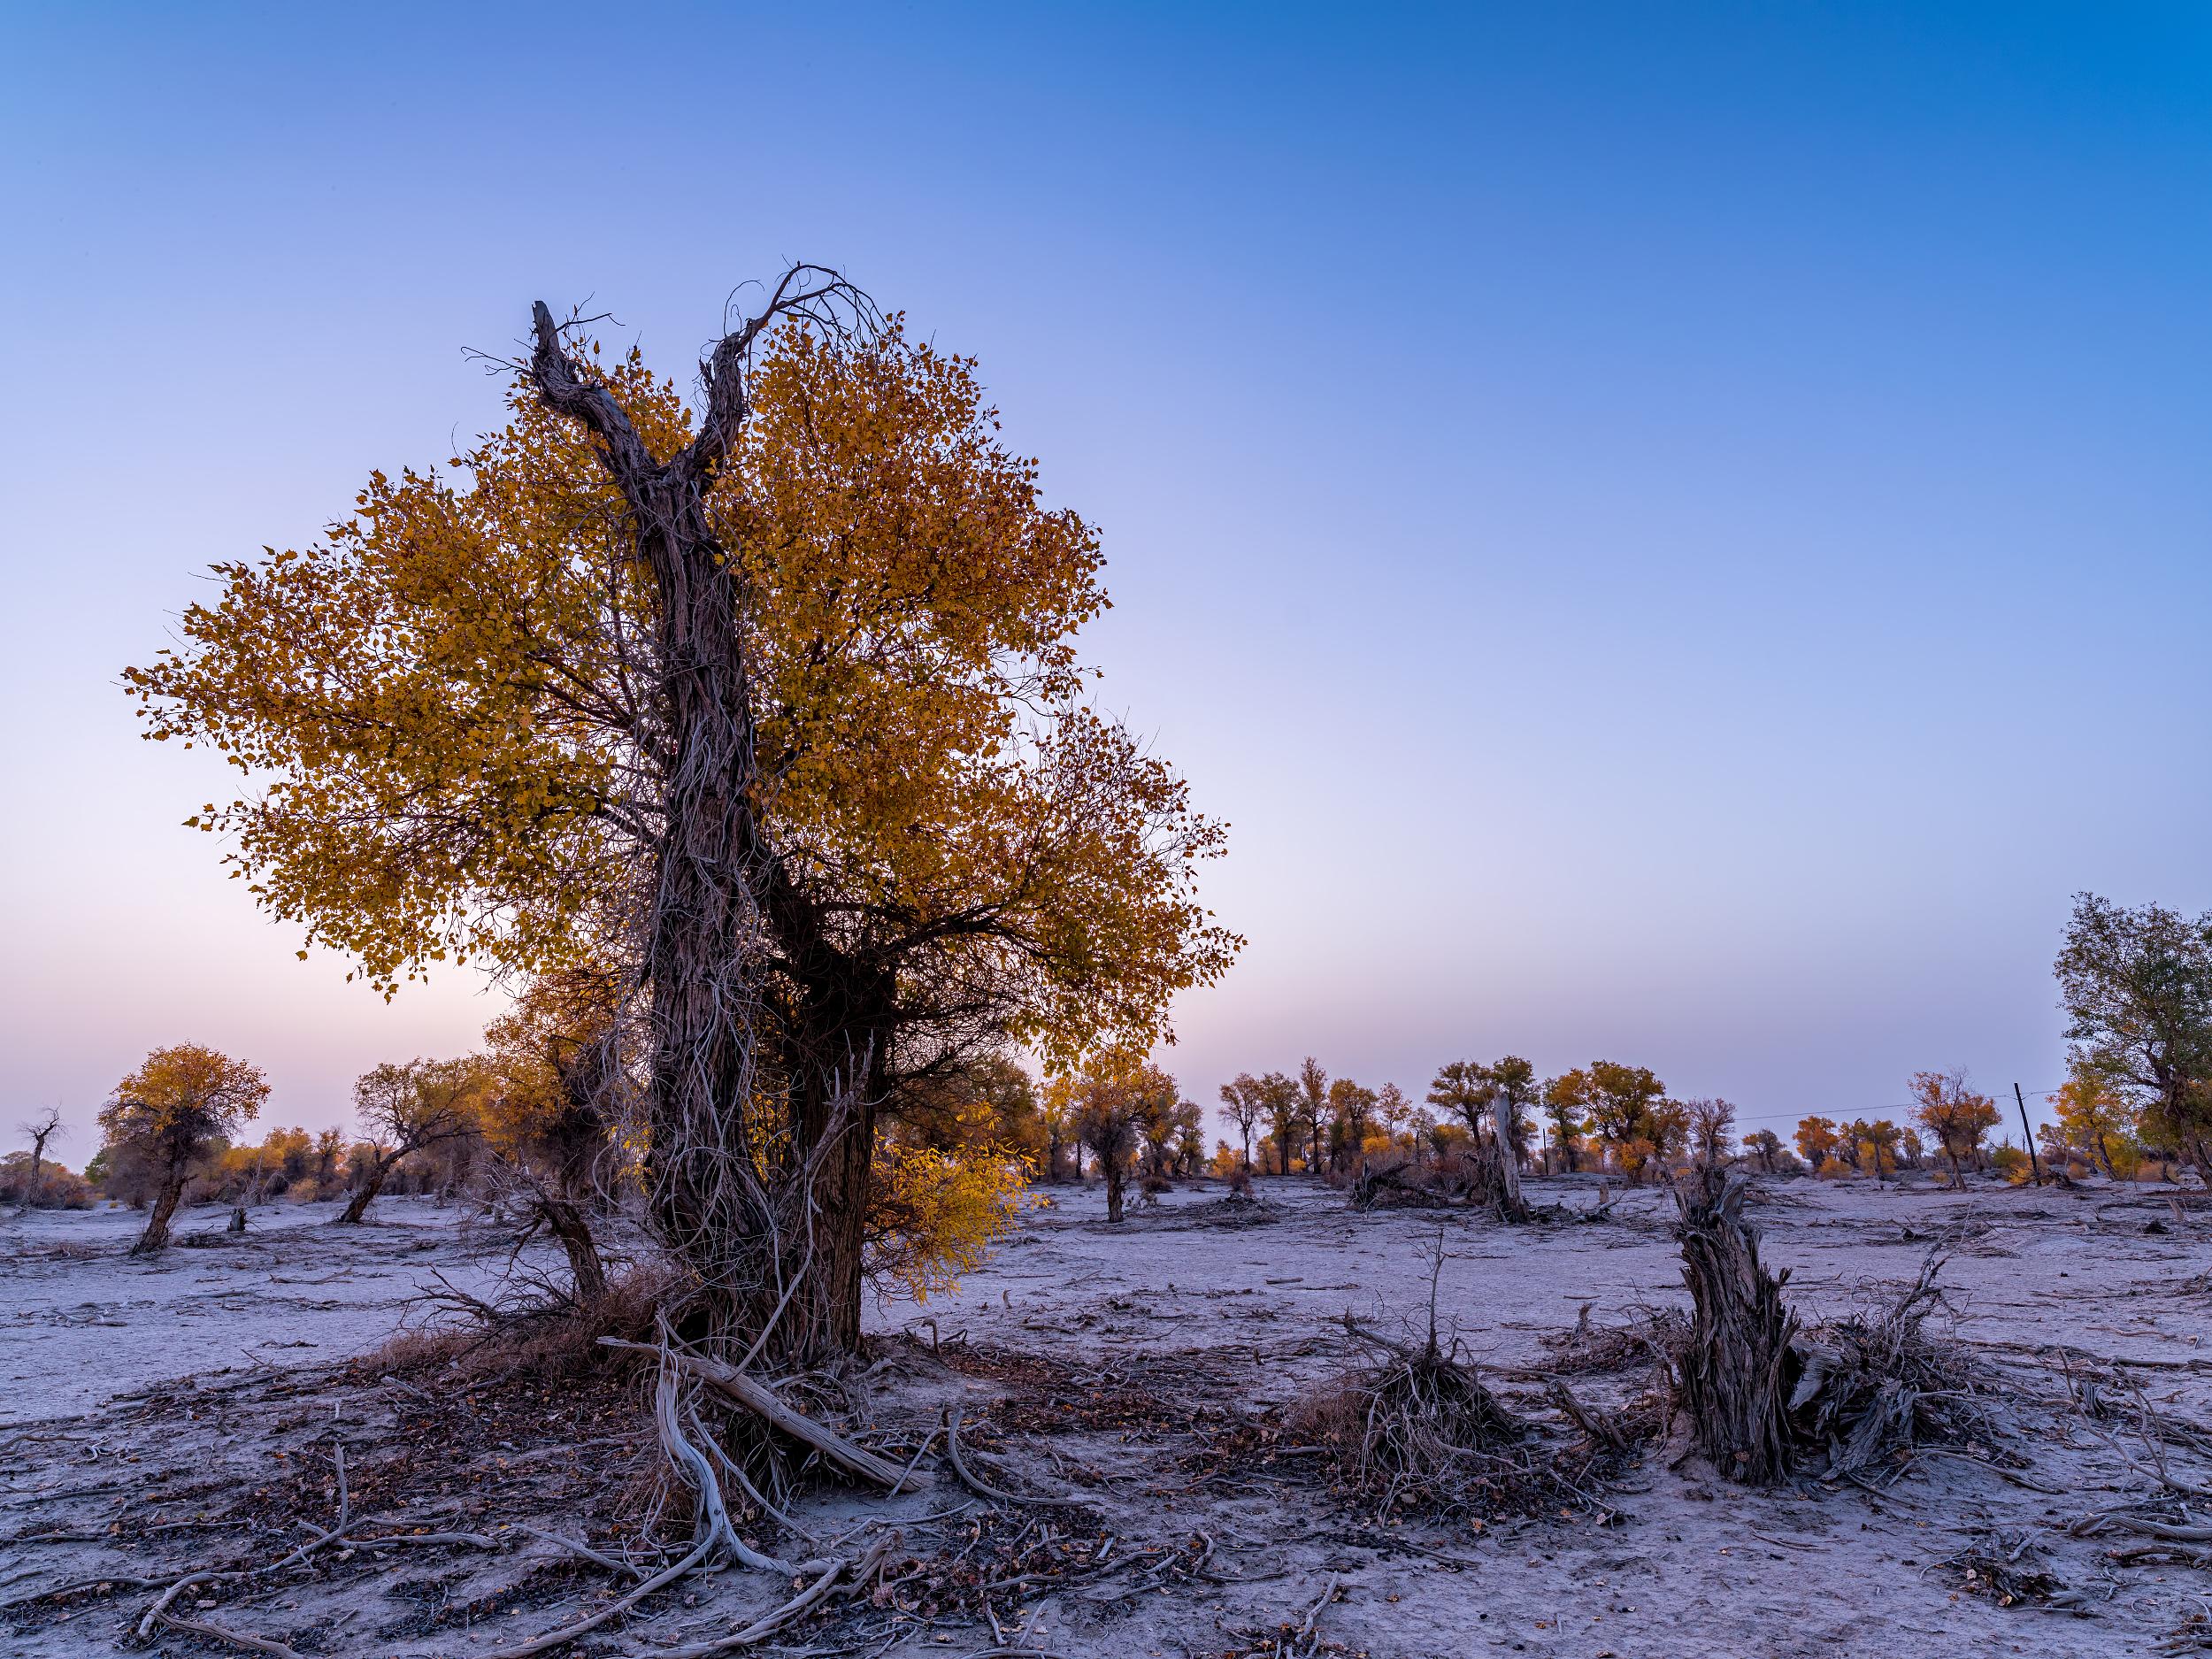 塔克拉瑪幹沙漠(喀什)